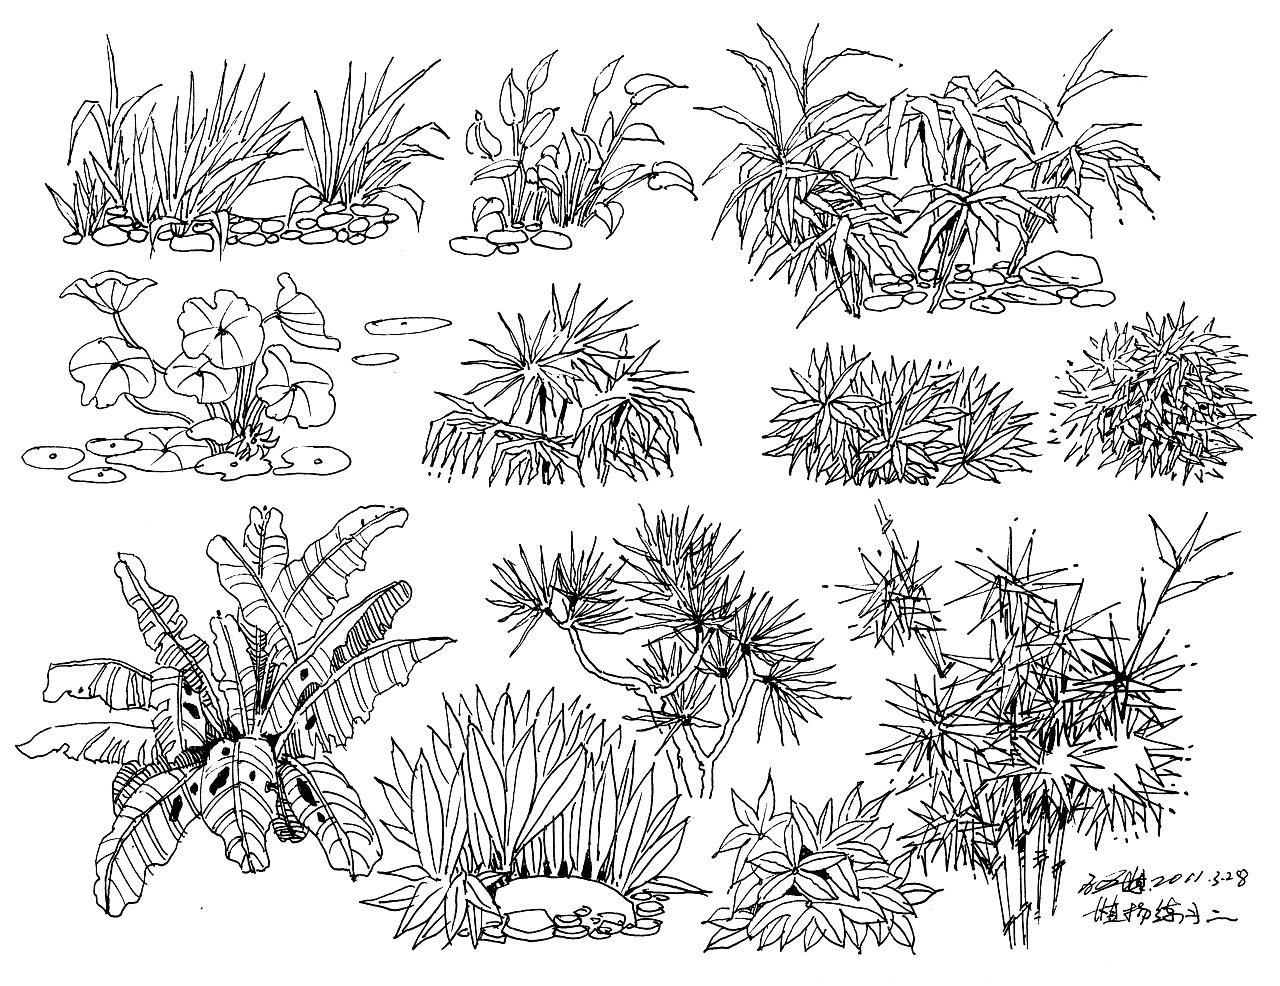 匠人营国 景观手绘植物,水景,石头,人物,交通工具,以及平面造型手绘练